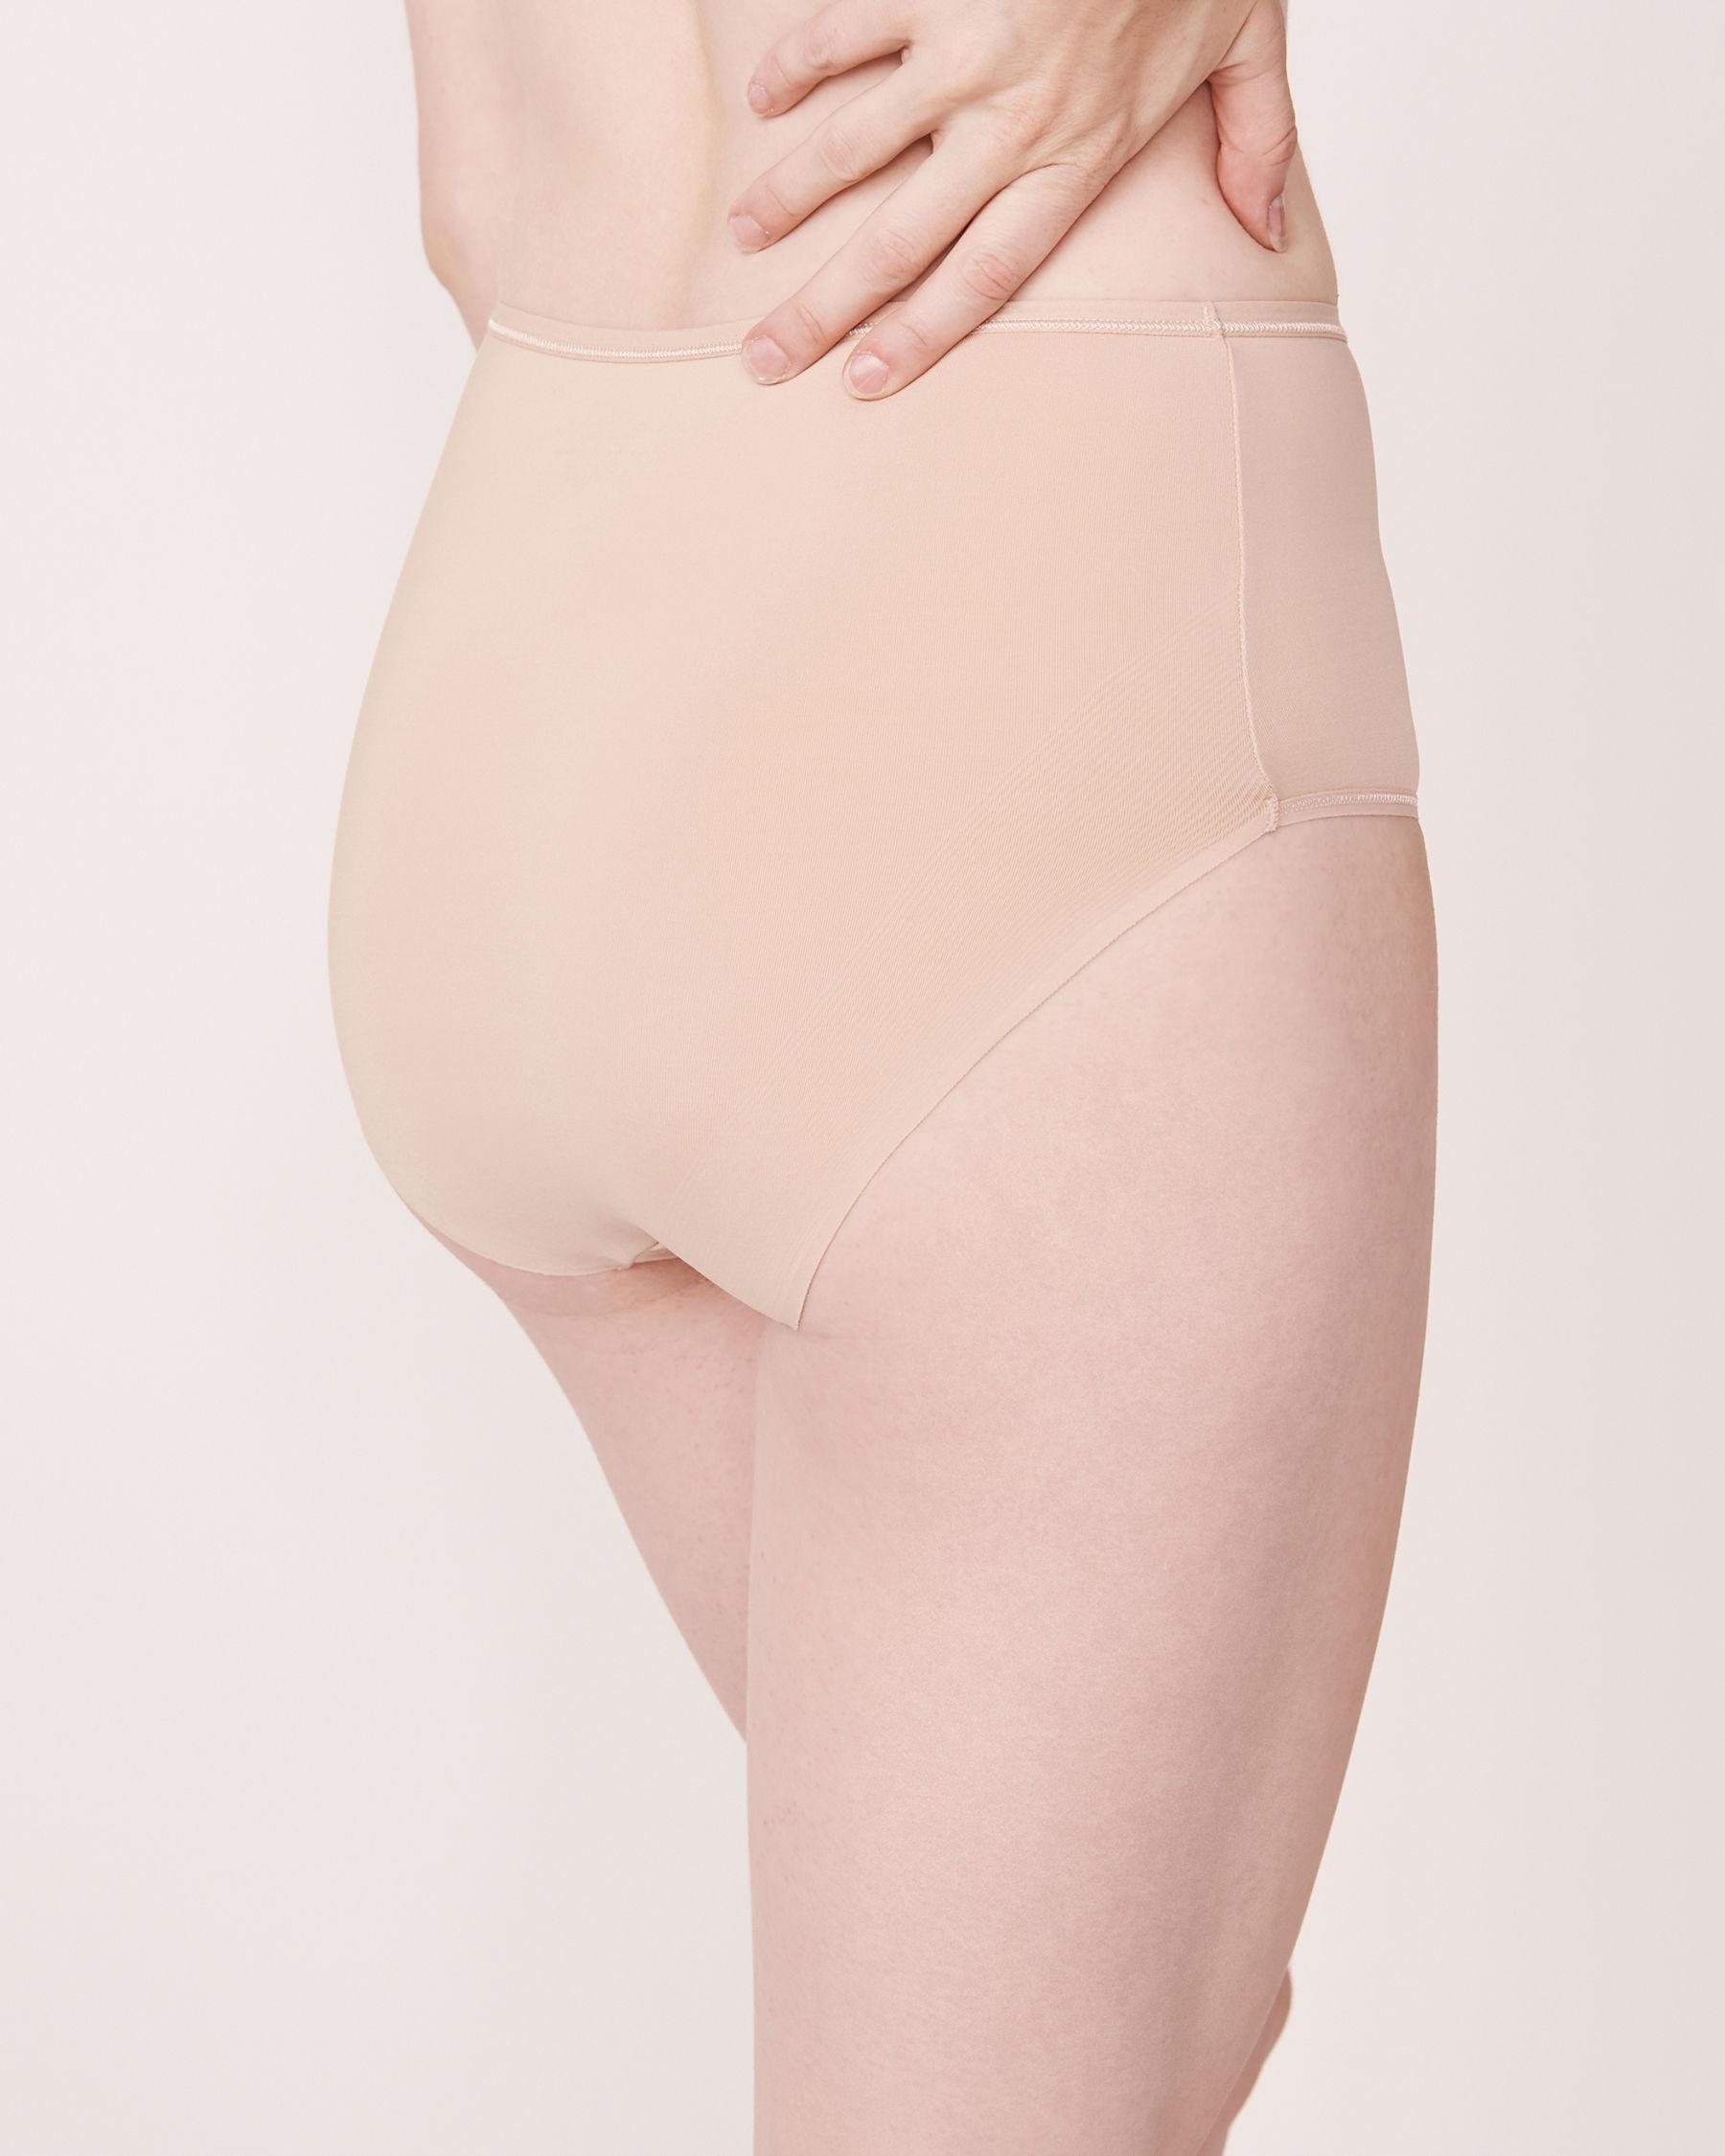 LA VIE EN ROSE Culotte bikini taille haute Neutre 169-122-1-00 - Voir2